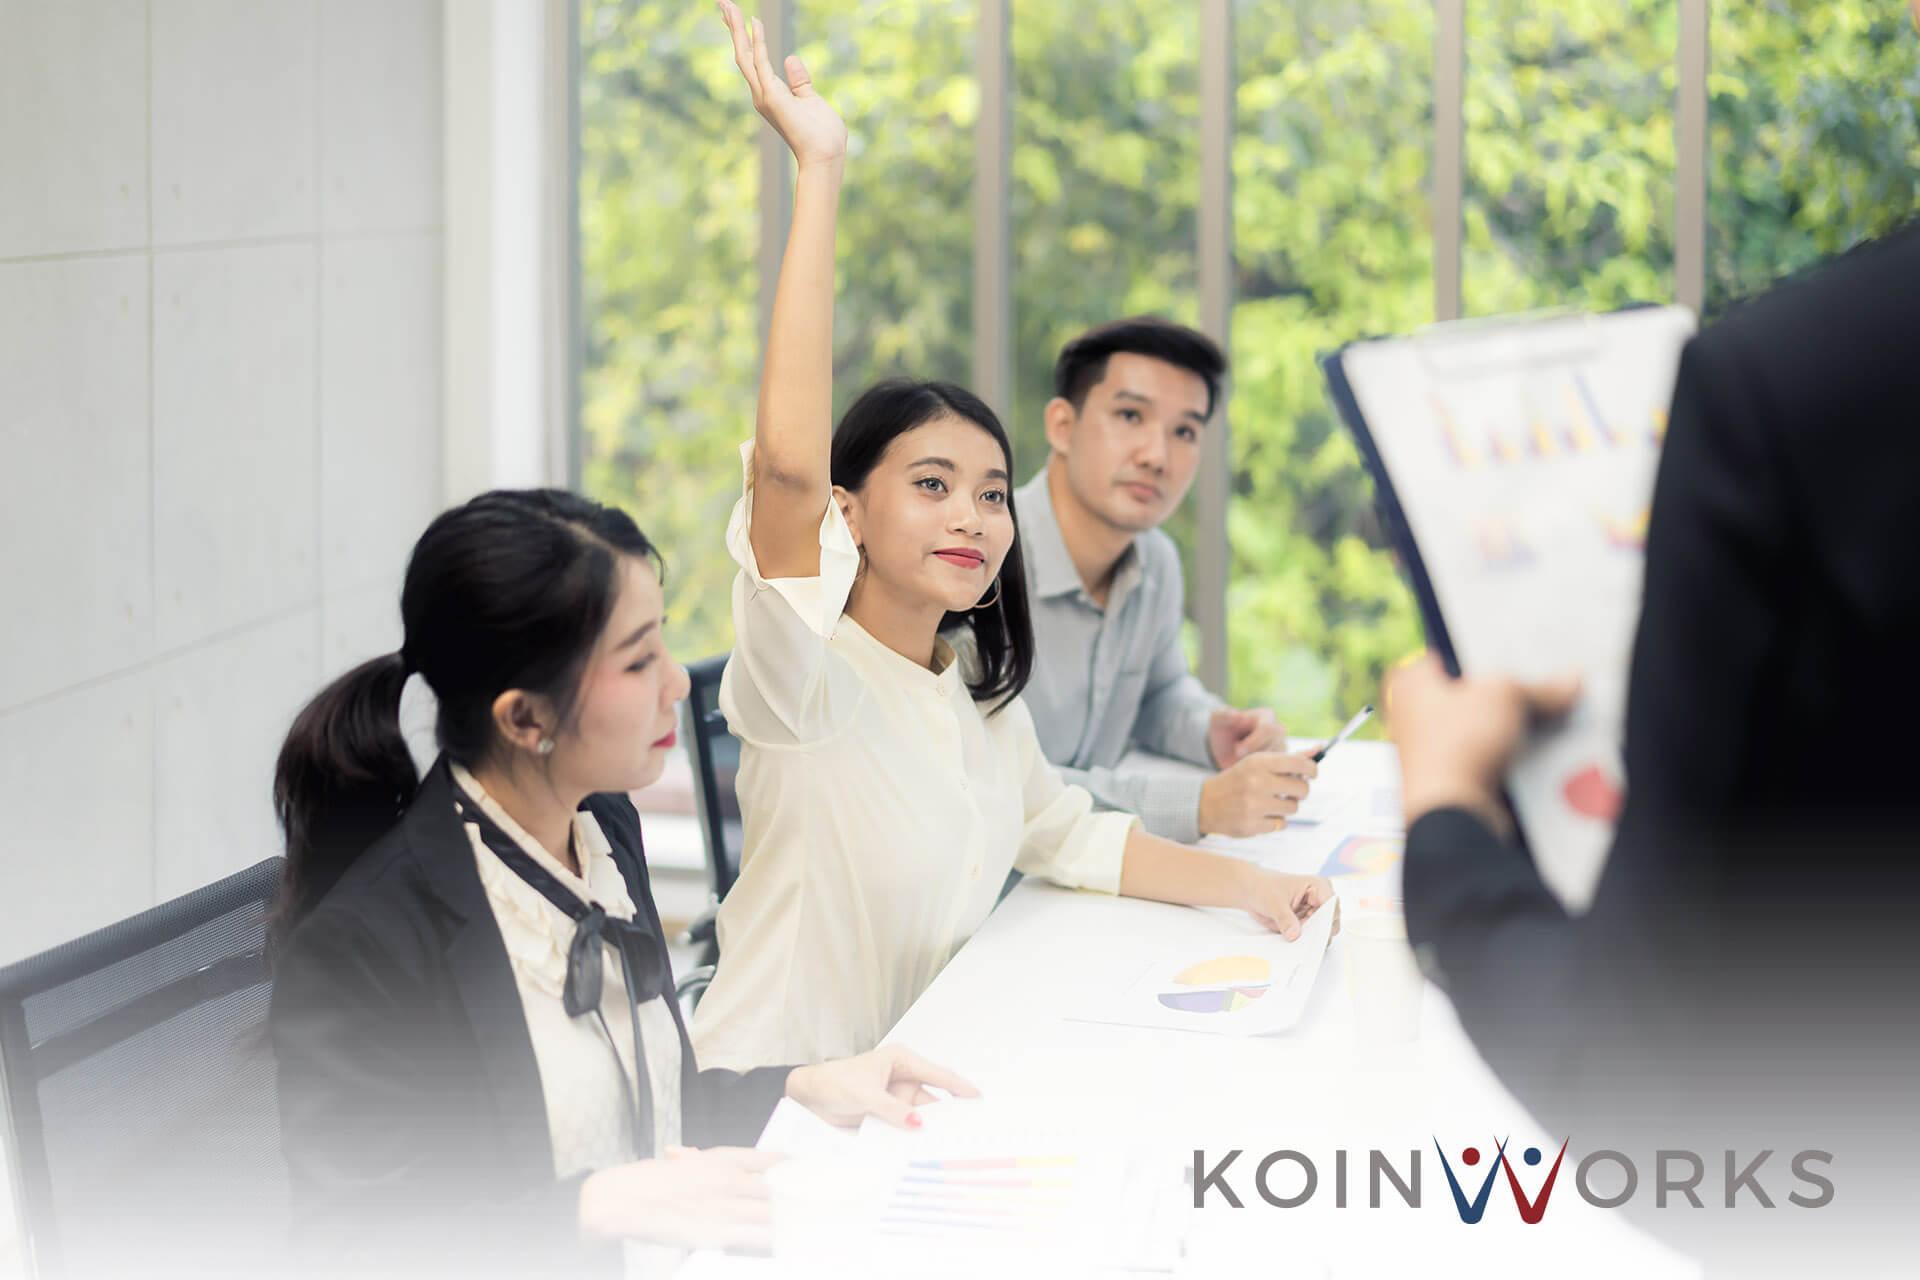 5 Cara Menggunakan Gestur Tangan Saat Sedang Presentasi, Ini Cara Memulainya! - 7 Alasan Penting Mengapa Anda Harus Selalu Mengembangkan Diri